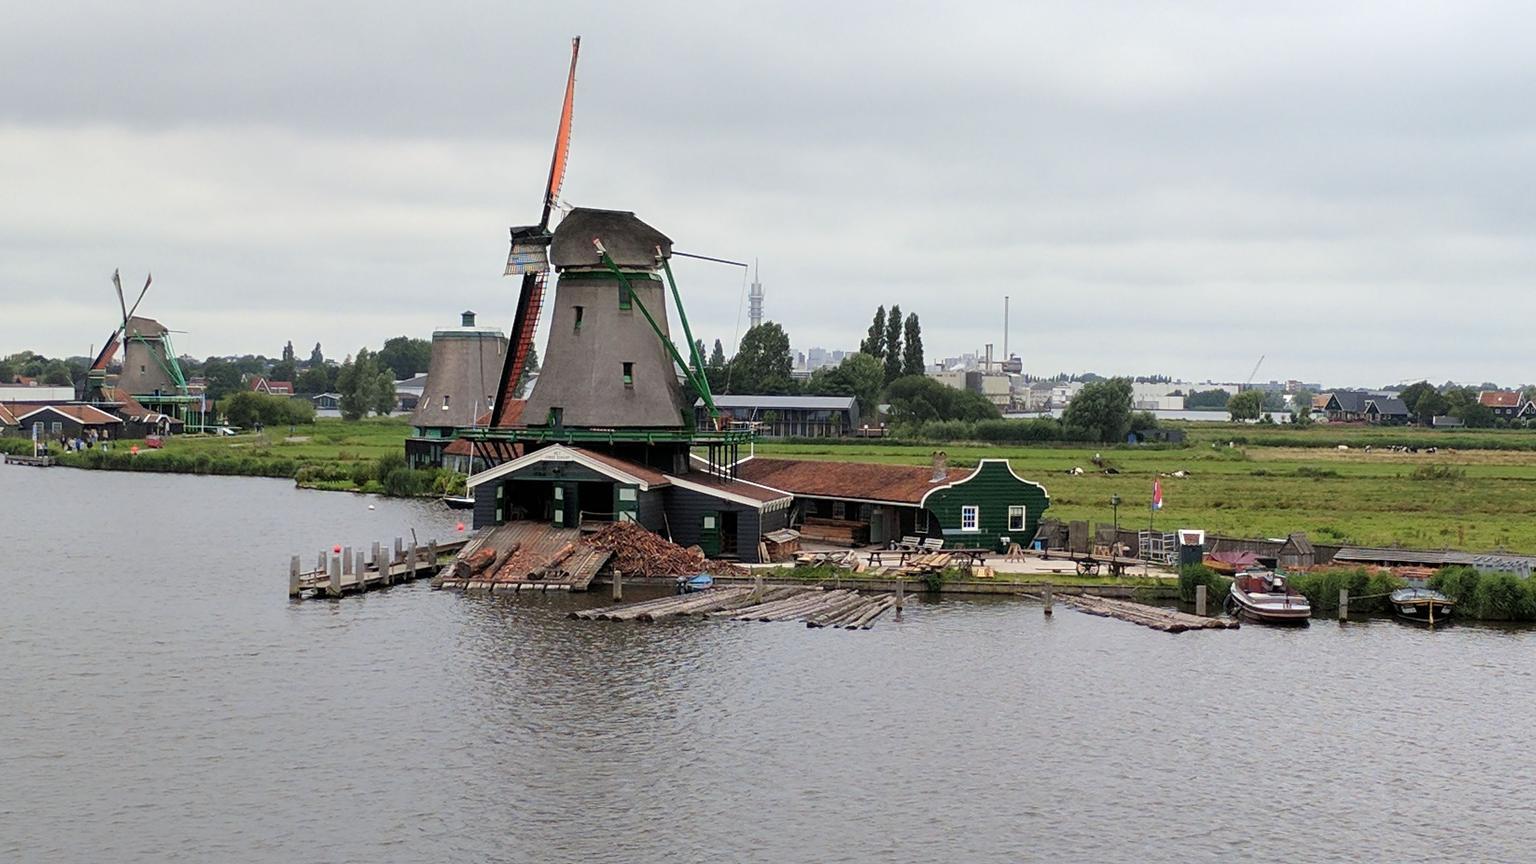 MAIS FOTOS, Excursão particular personalizável, saindo de Amsterdã ou do Aeroporto de Schiphol